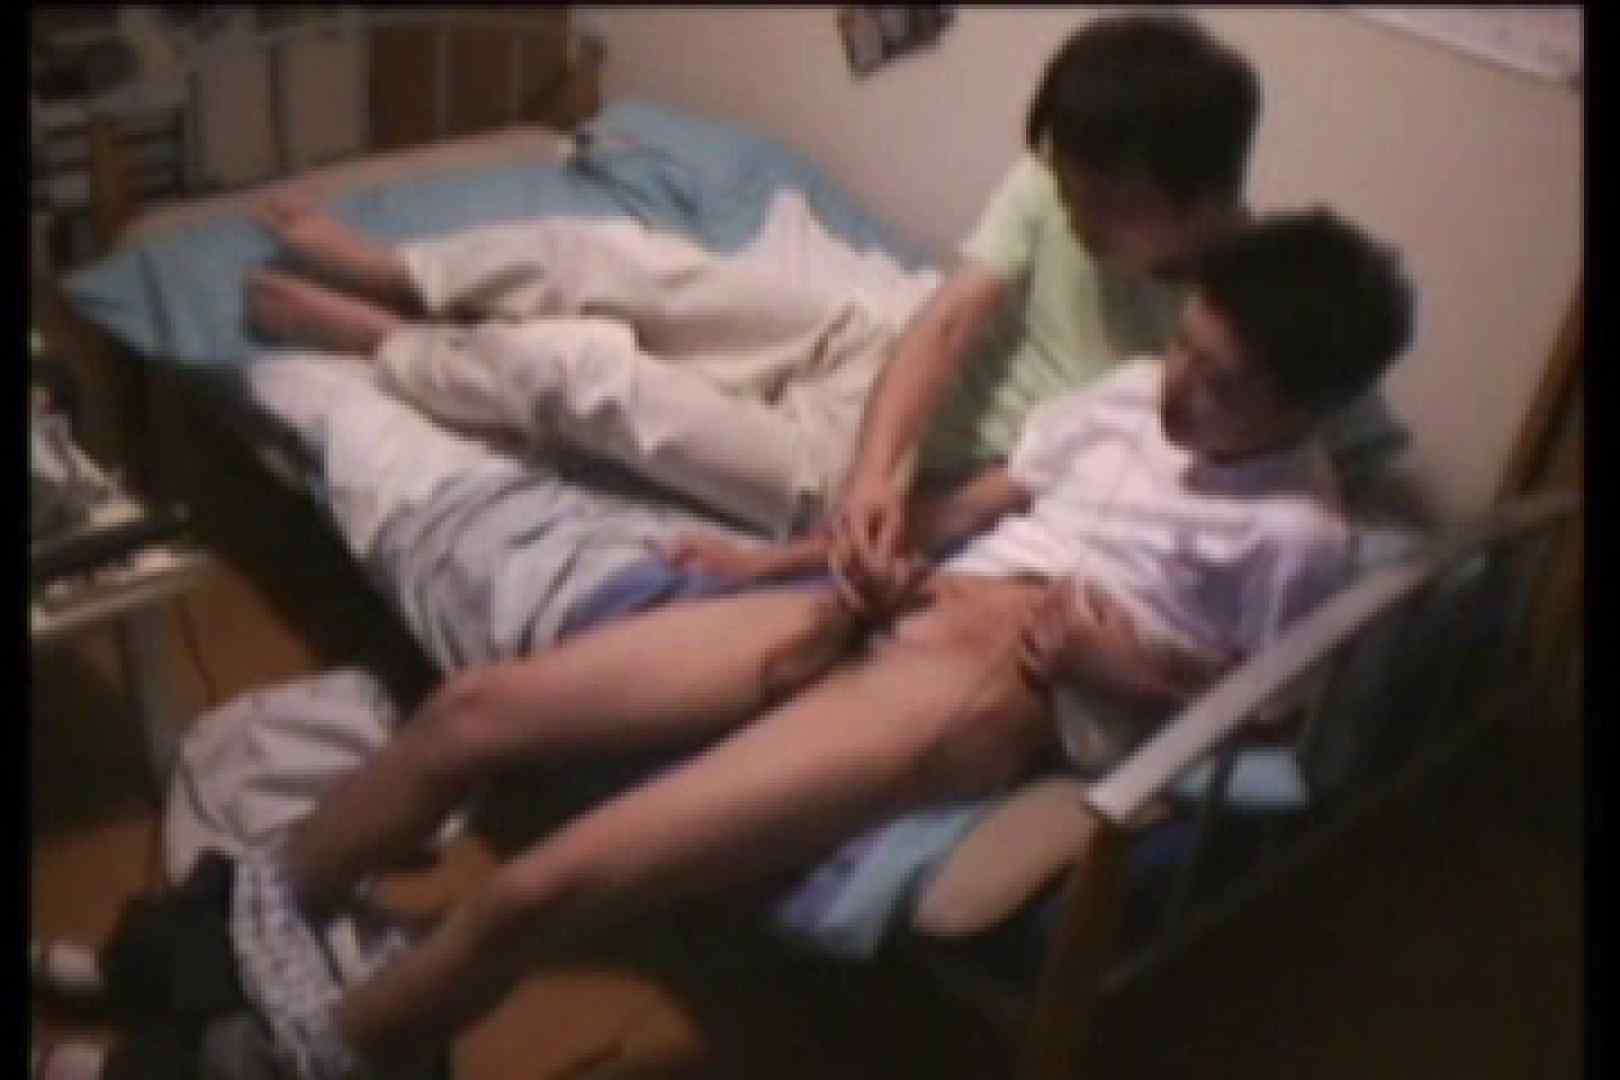 【実録投稿】友達覗撮In my room!! 射精  102pic 73